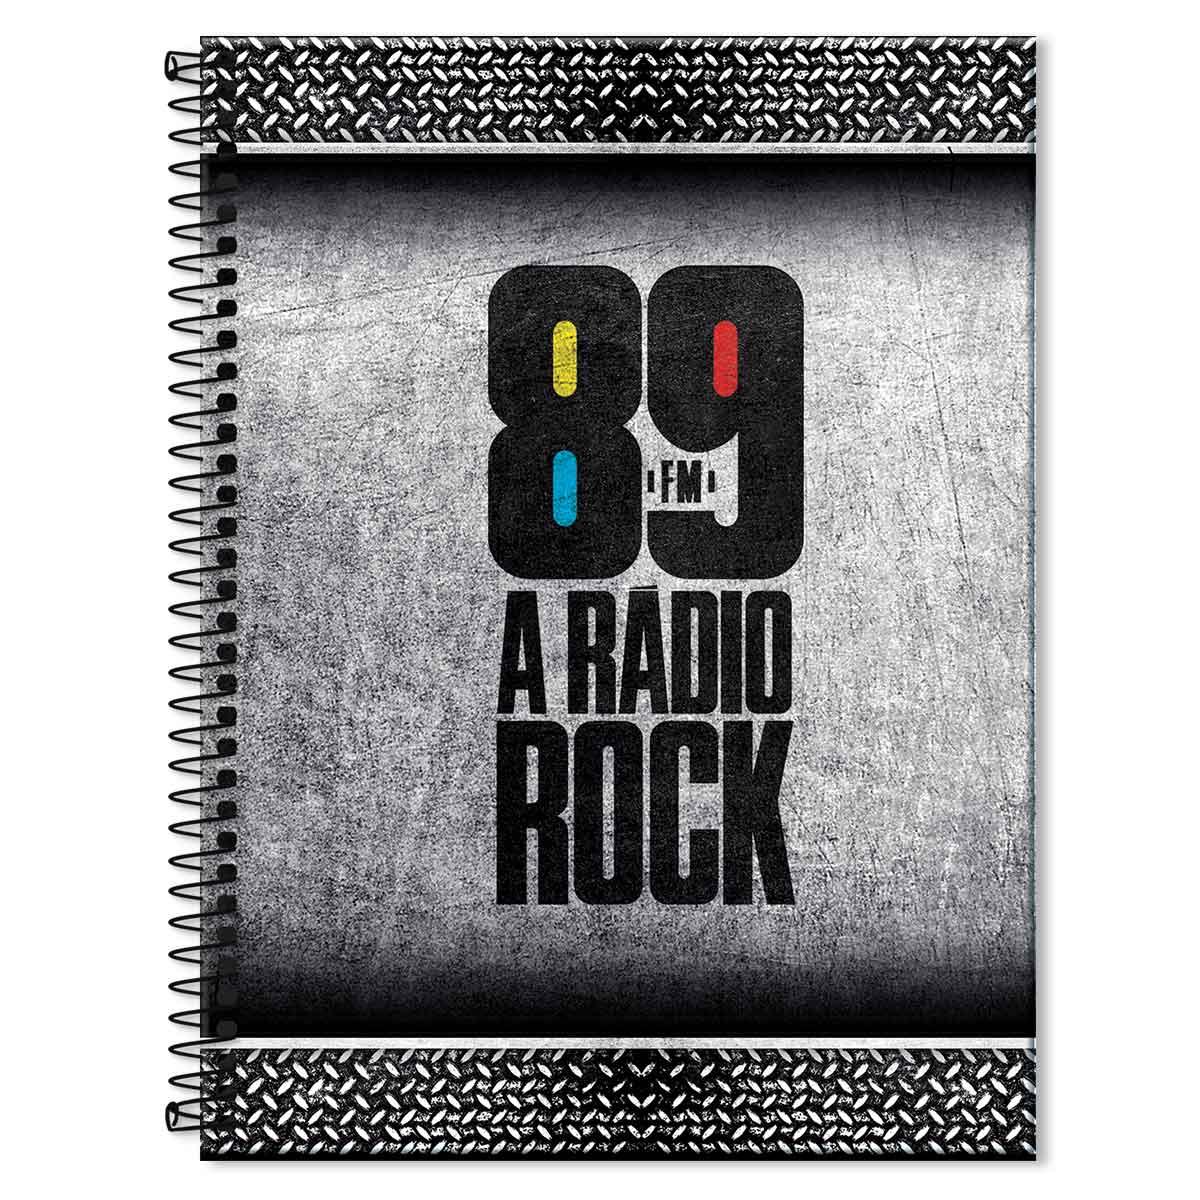 Caderno 89FM A Rádio Rock Logo 1 Matéria